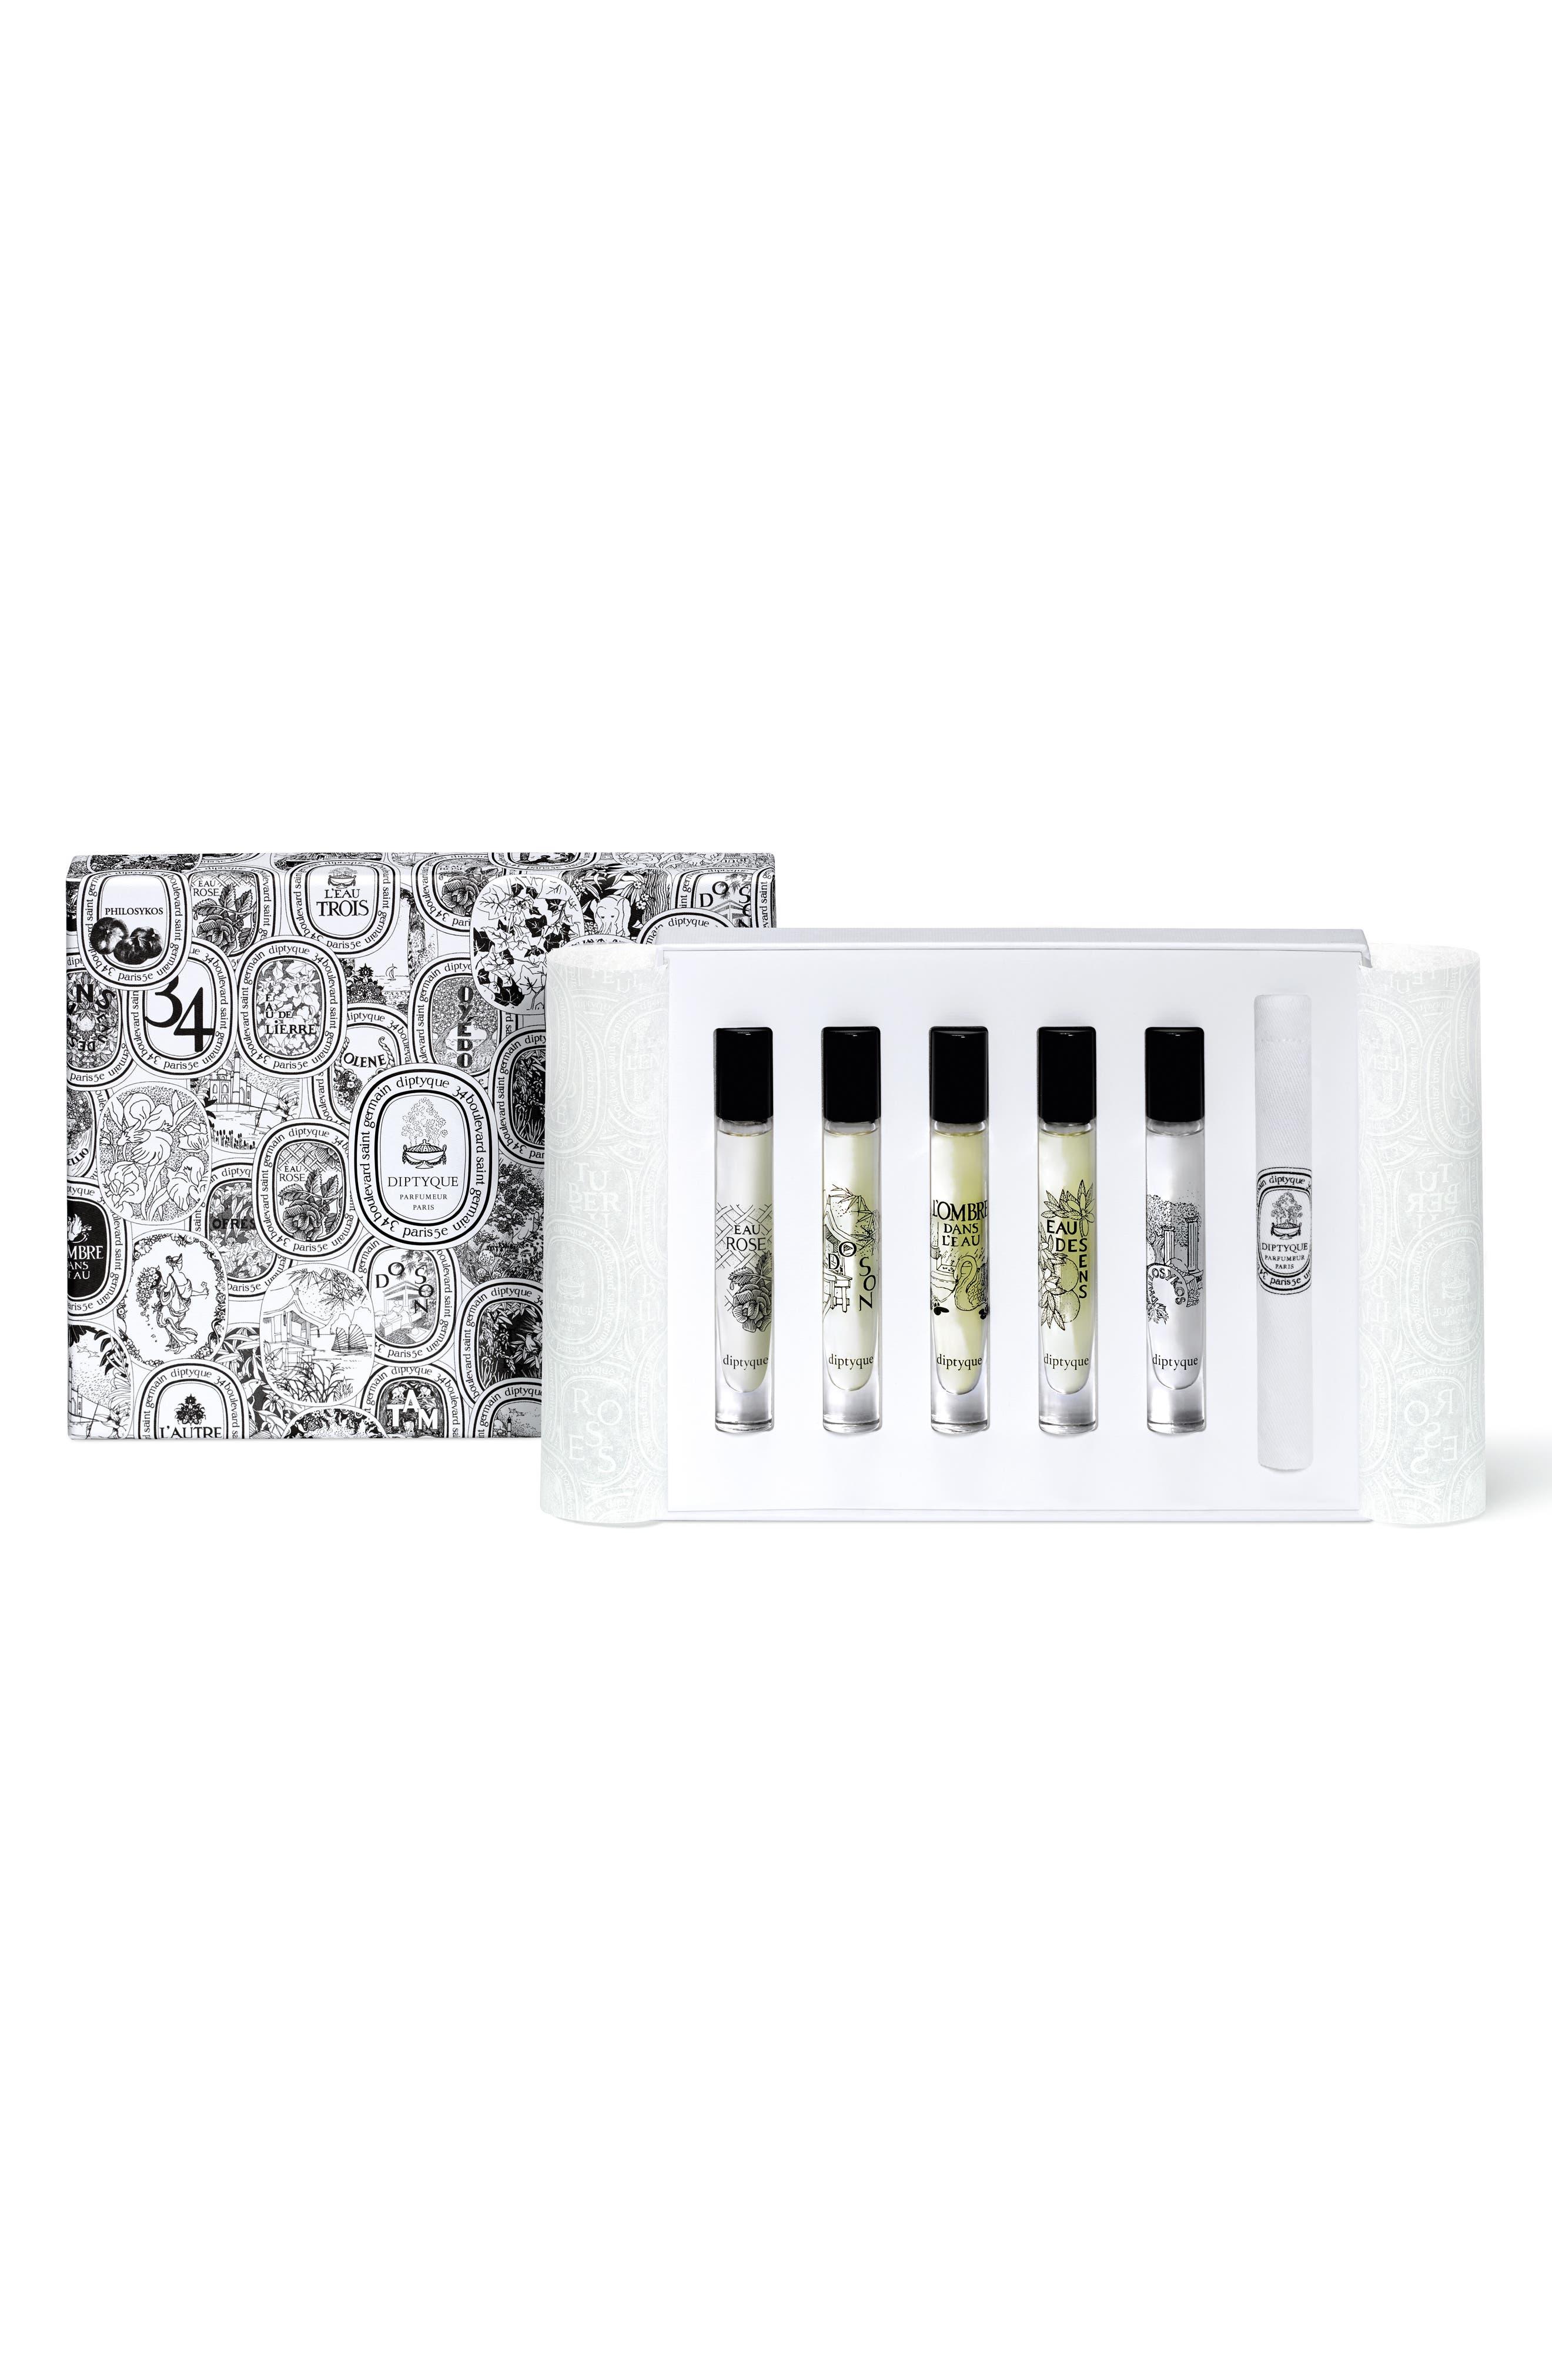 Main Image - diptyque Eau de Toilette Discovery Set ($115 Value)